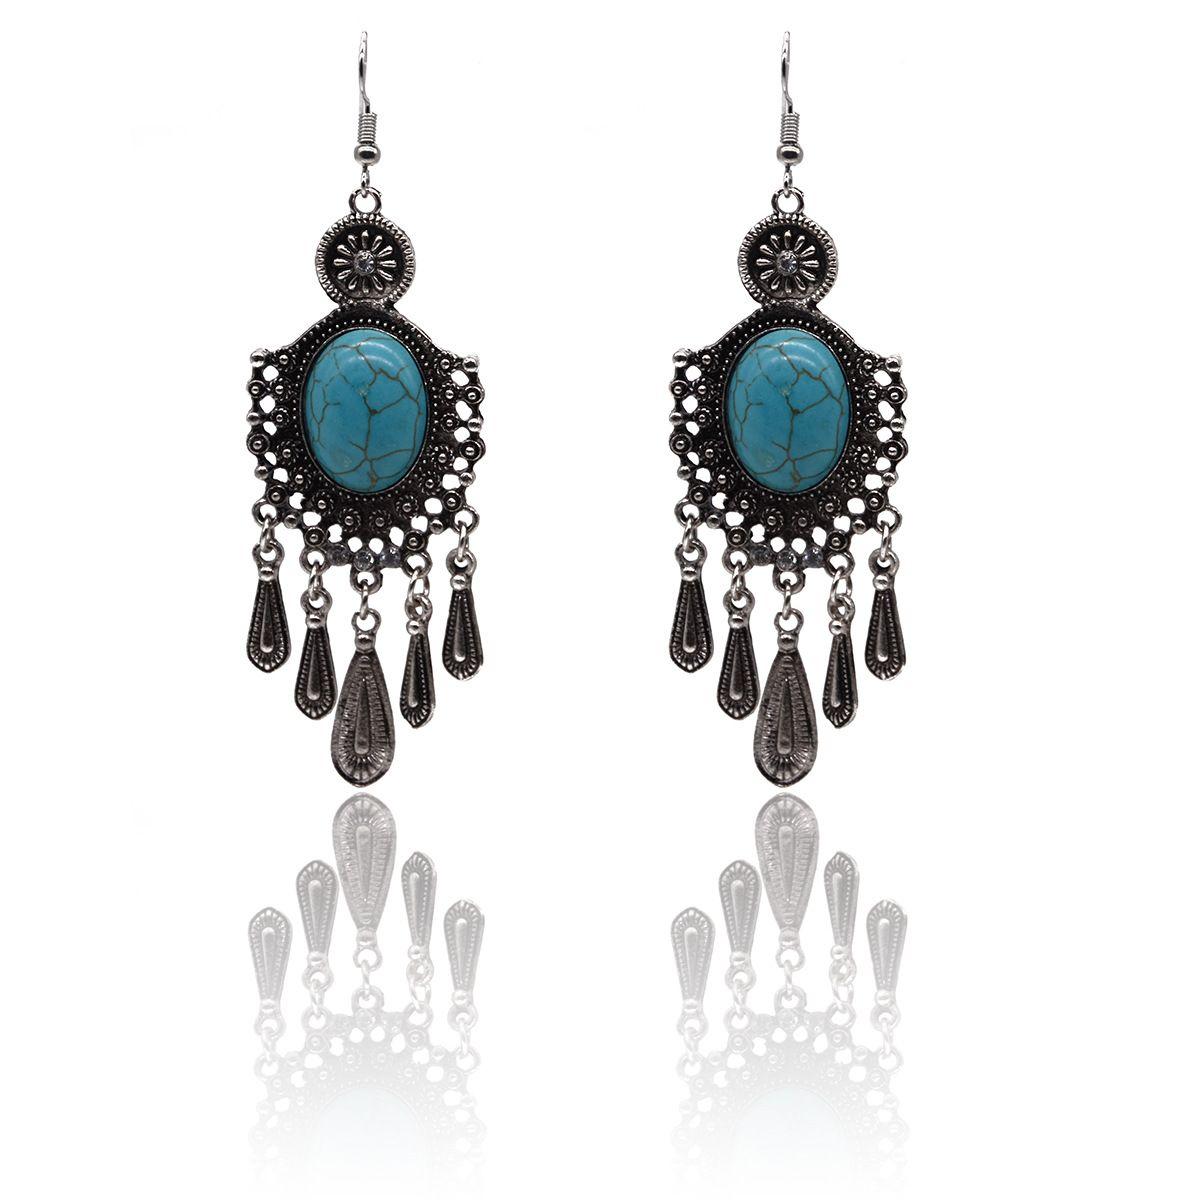 Turkuaz Küpe Tibet Gümüş Turkuaz Damla Küpe Kadınlar için Doğal Takı Küpe Marka Tasarım Sıcak Satış Bijoux Takı